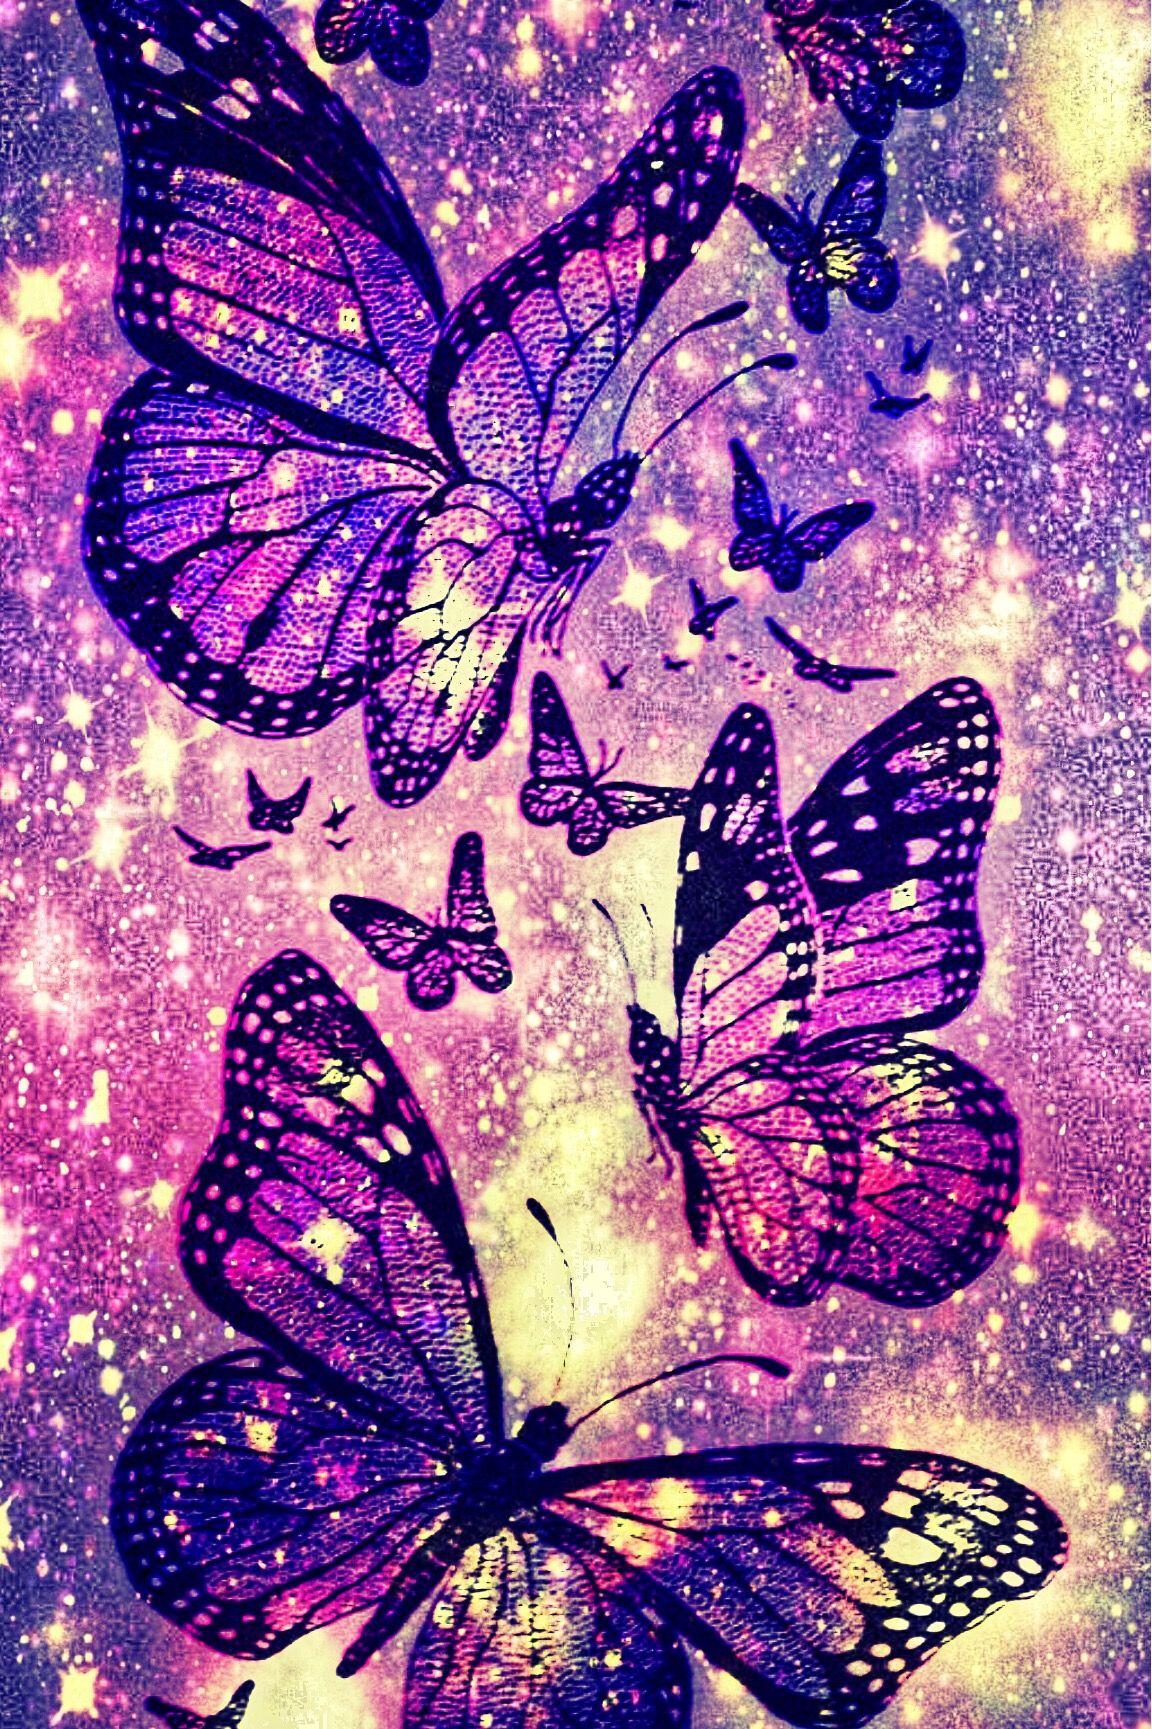 Glow Burst Butterflies Galaxy Wallpaper